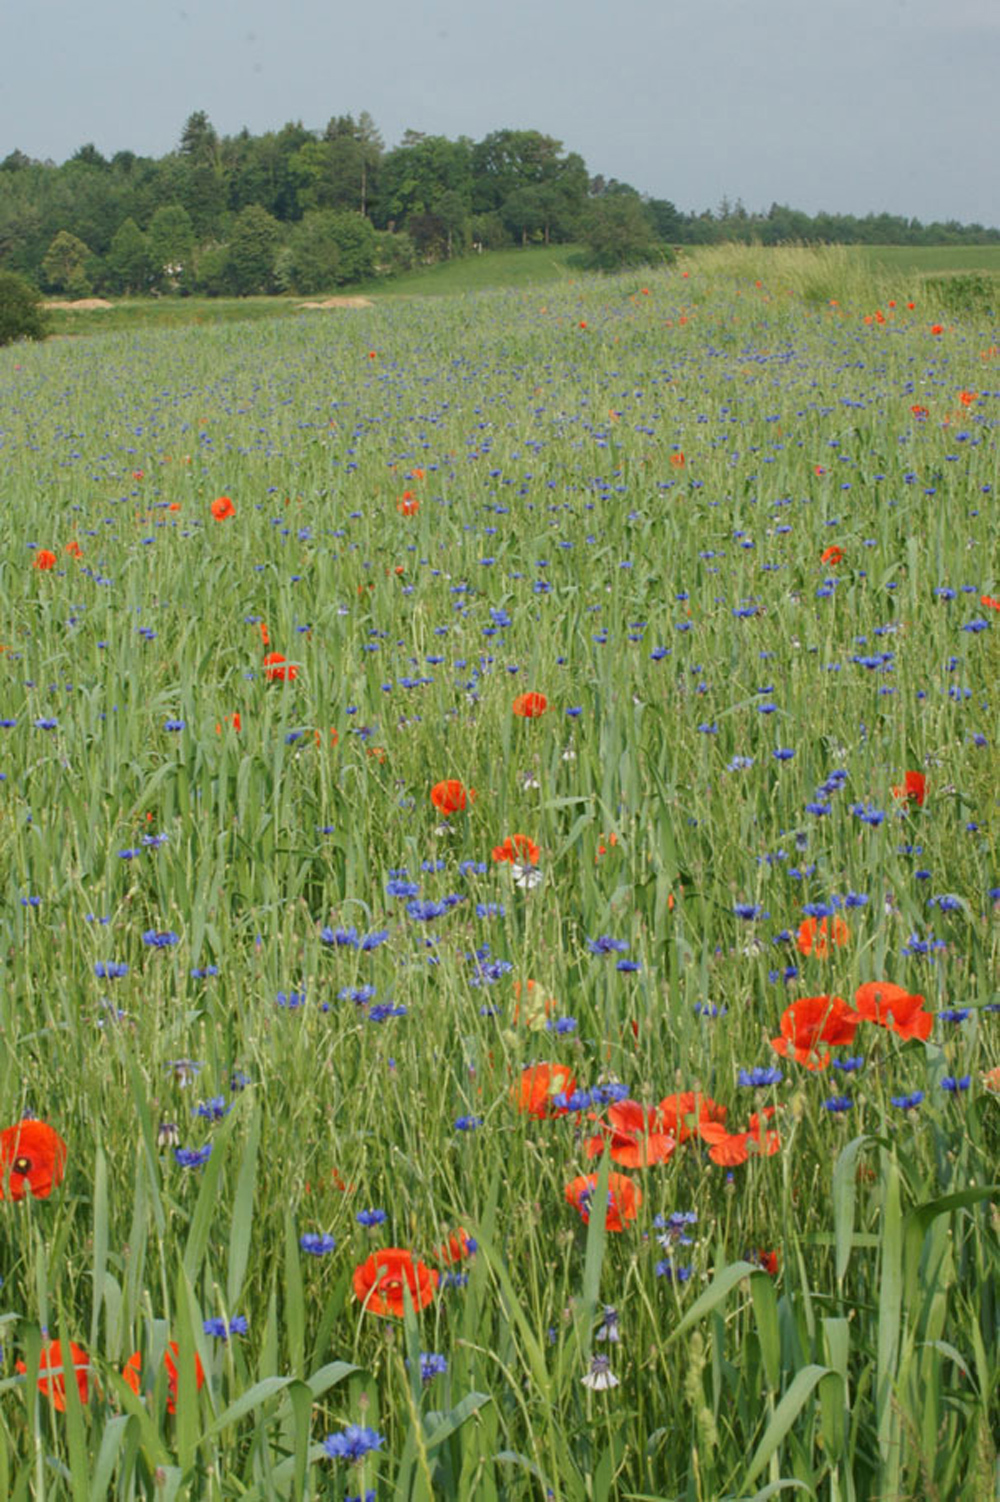 Ein Acker mit roten und blauen Wildblumen zwischen noch grünen Getreidehalmen.